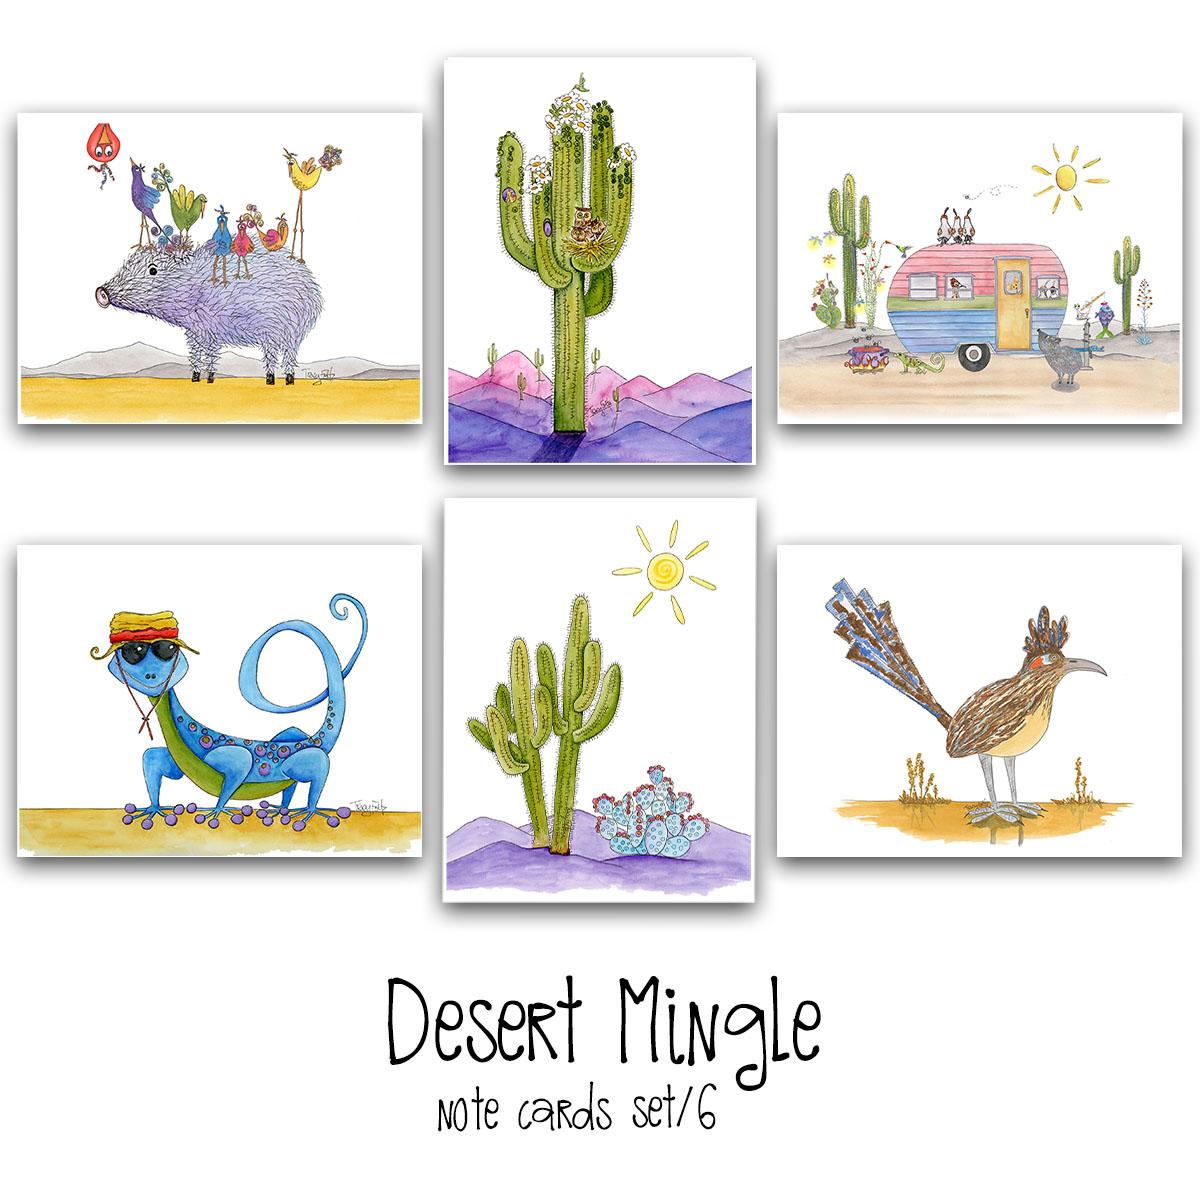 desert mingle note card set